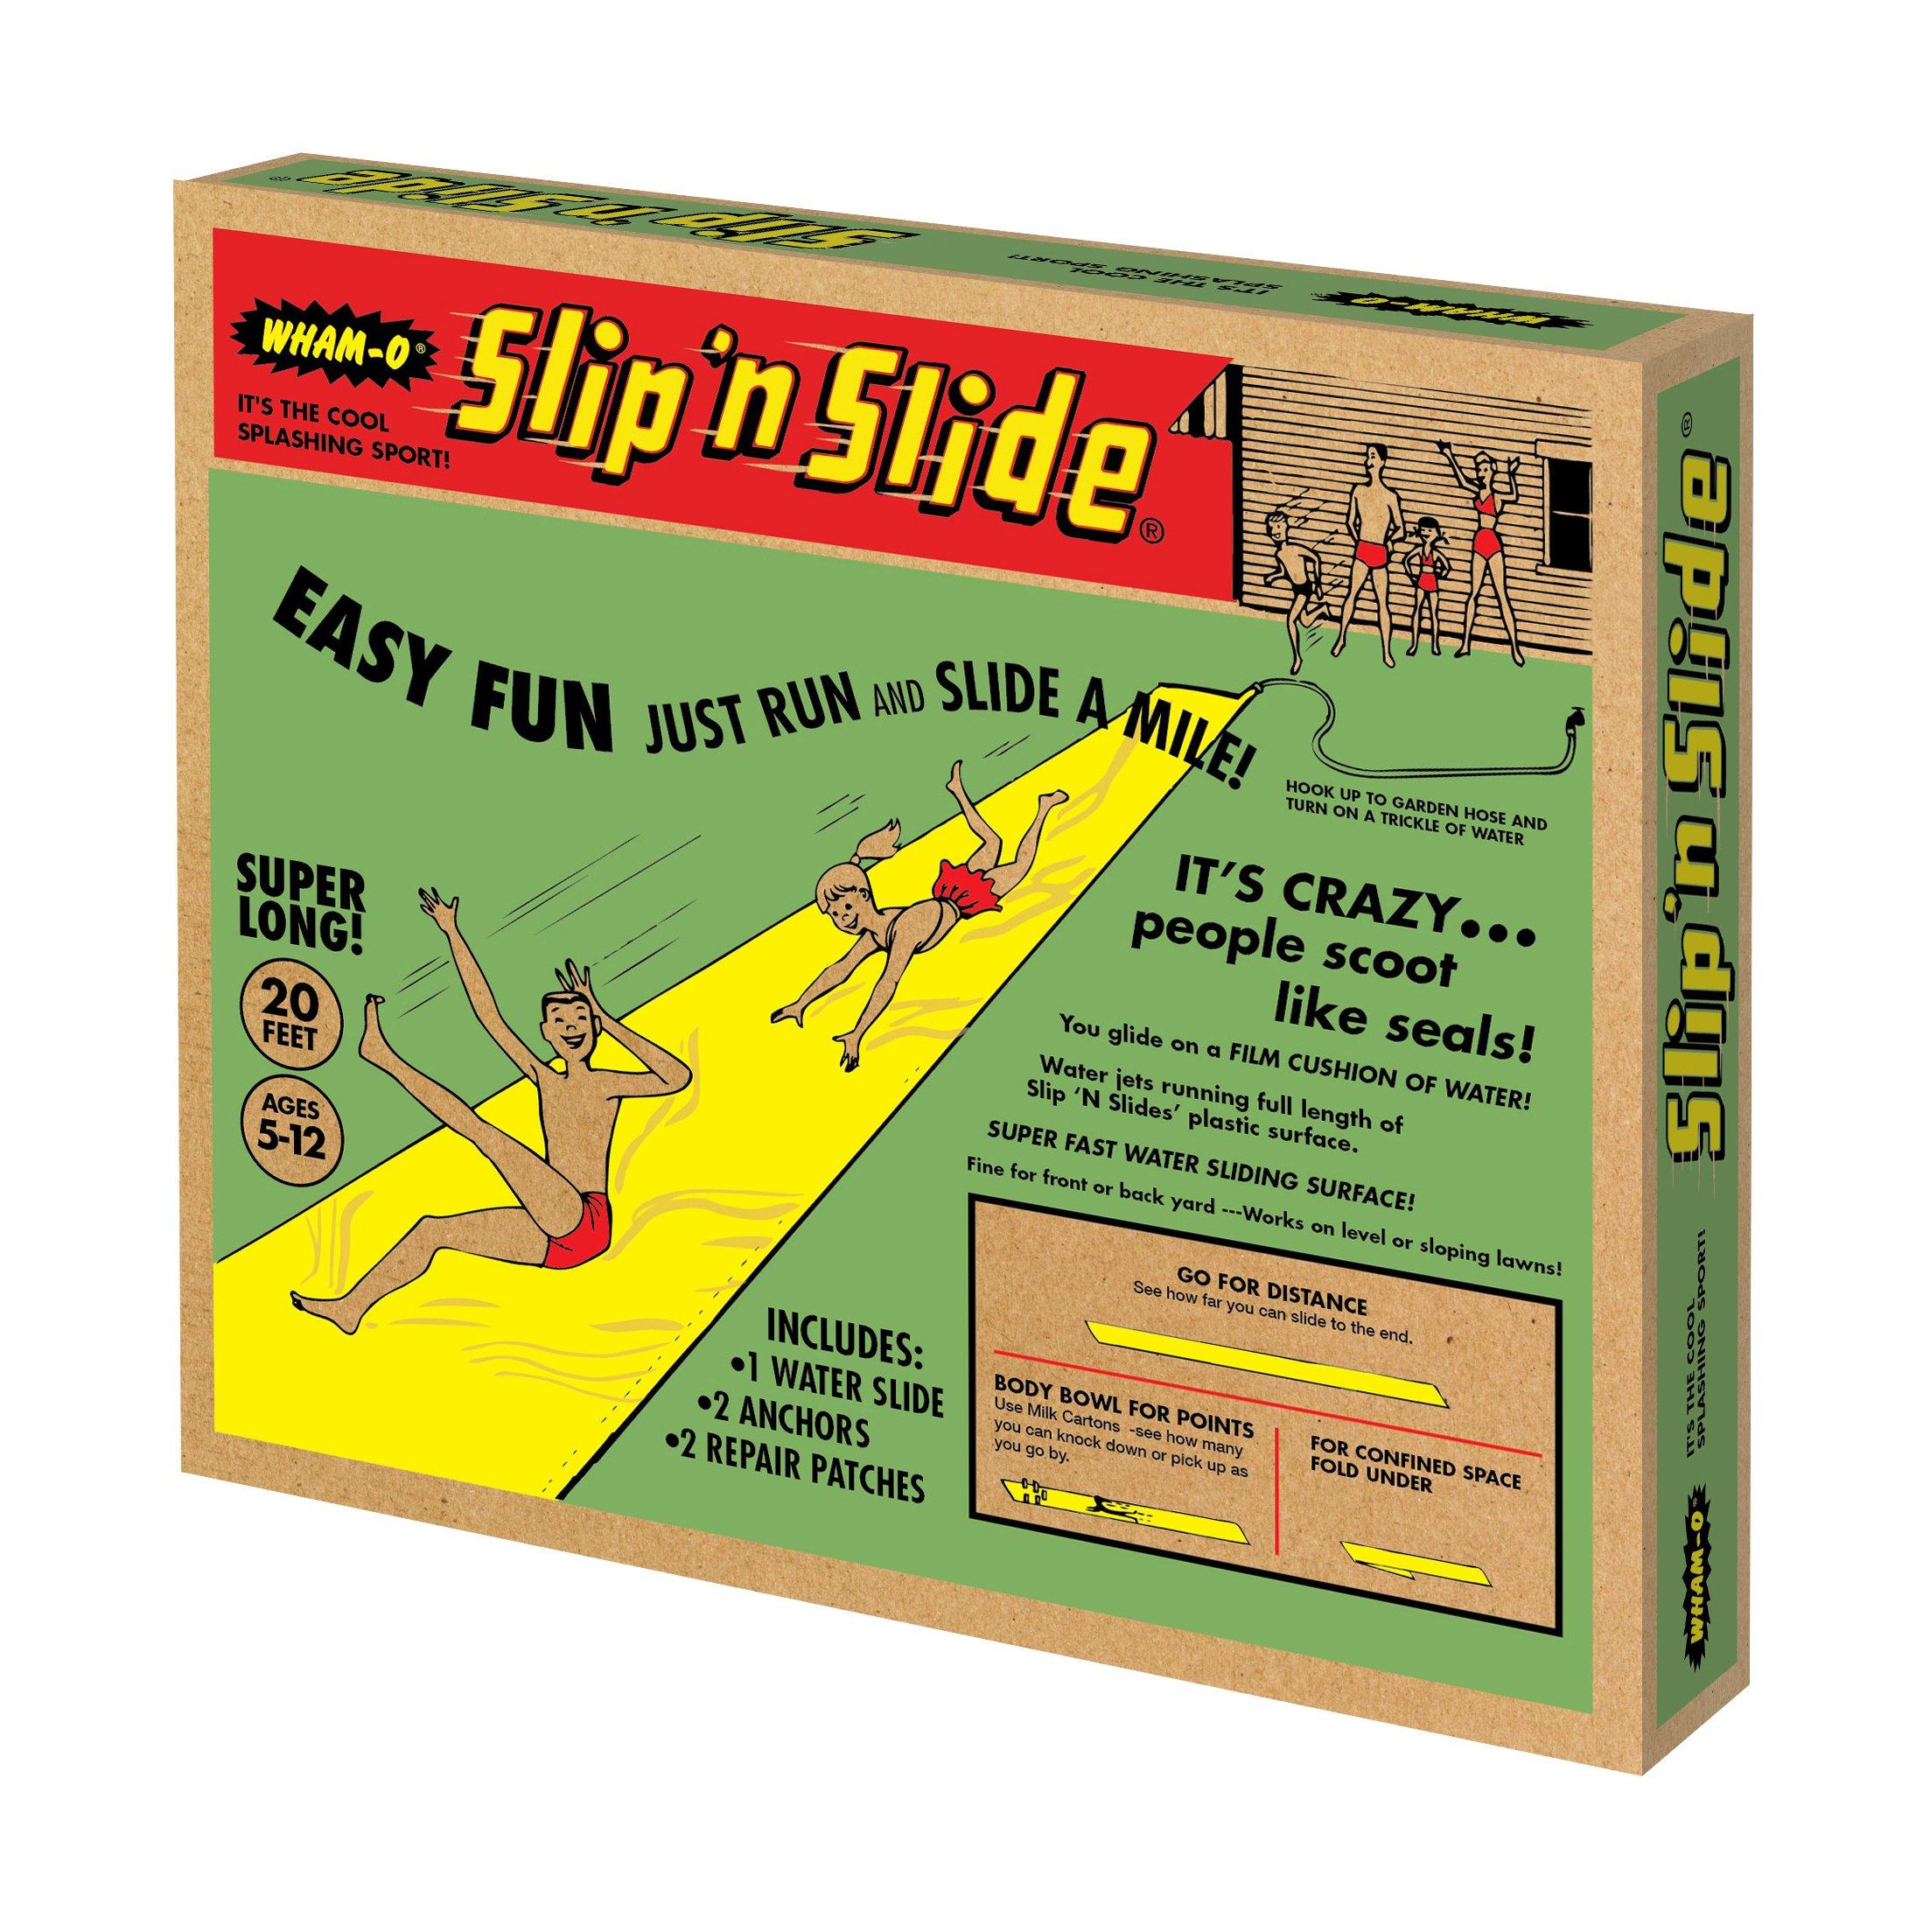 Wham-O Vintage Slip N Slide